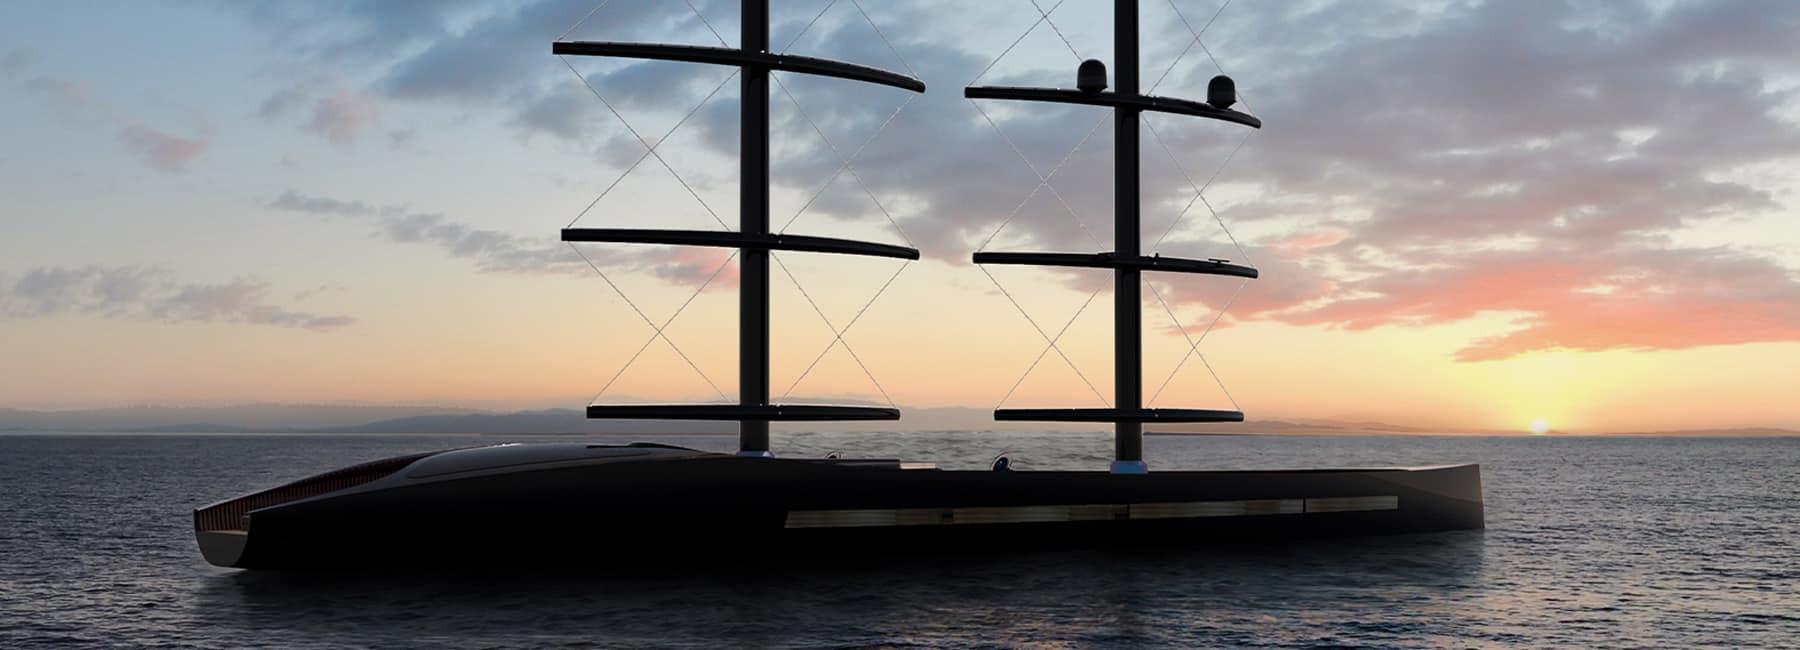 igor jankovic osseo luxury yacht 1